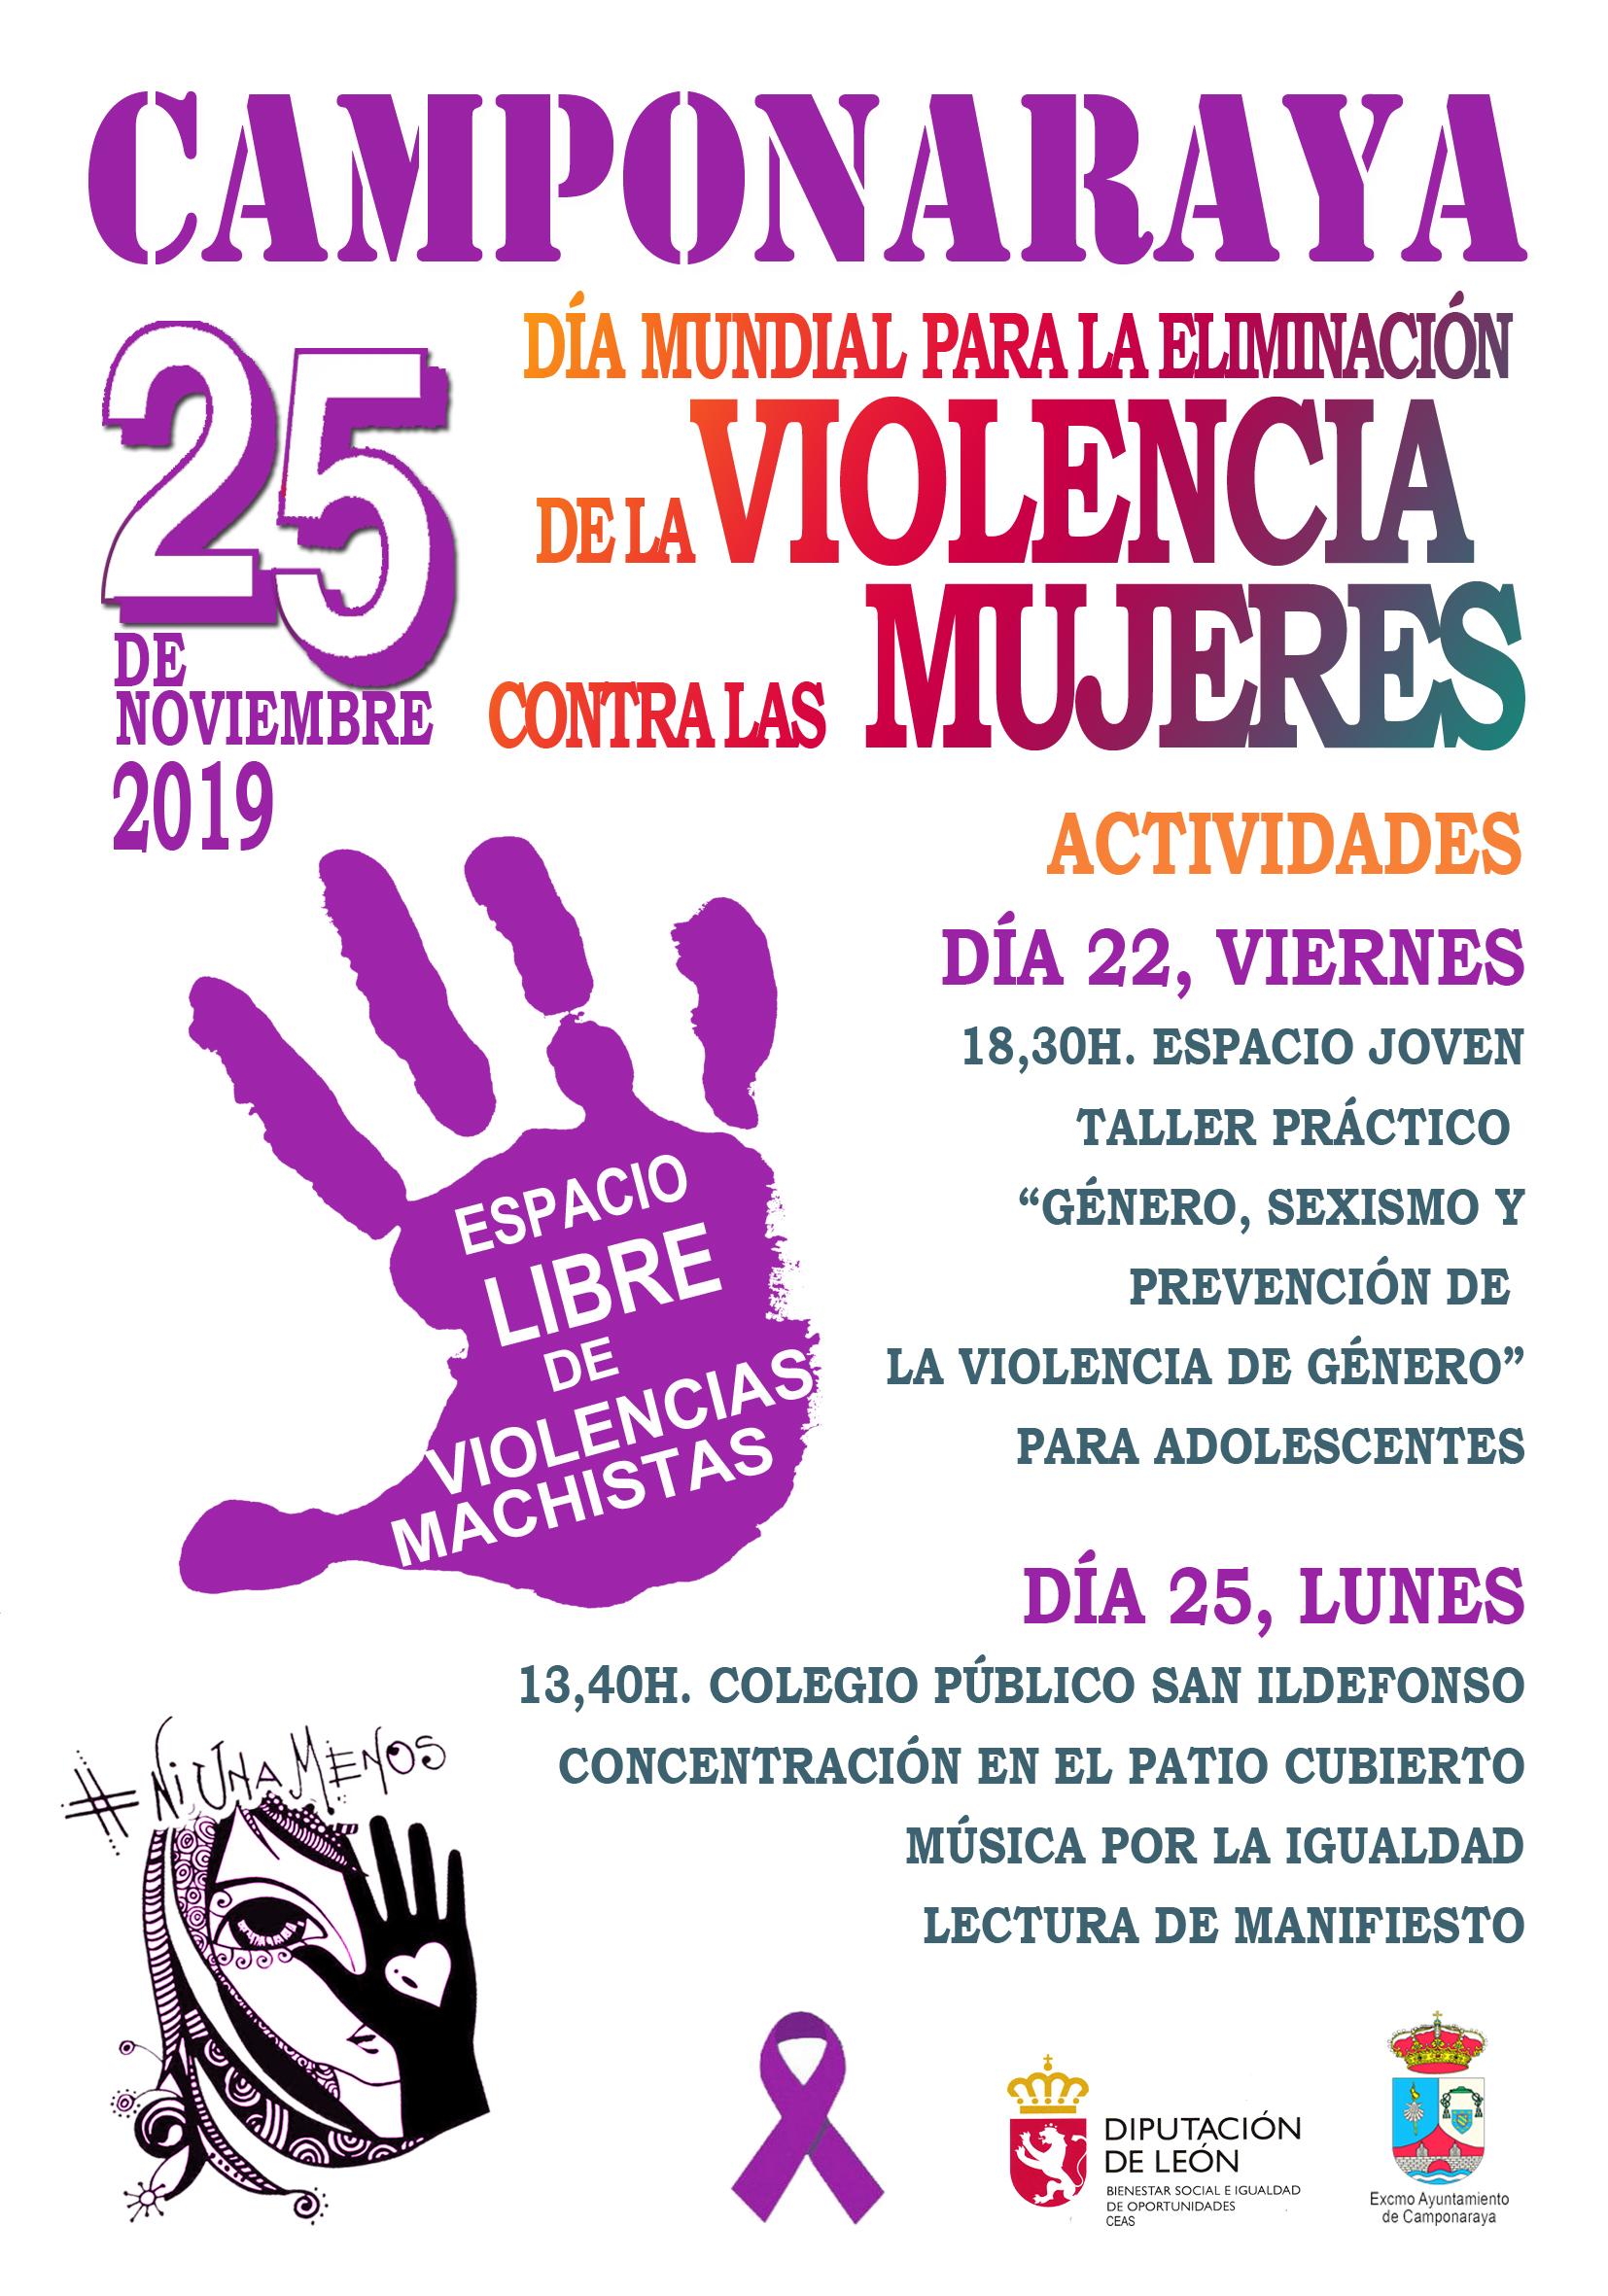 Actos conmemorativos del 25-N en Camponaraya 1